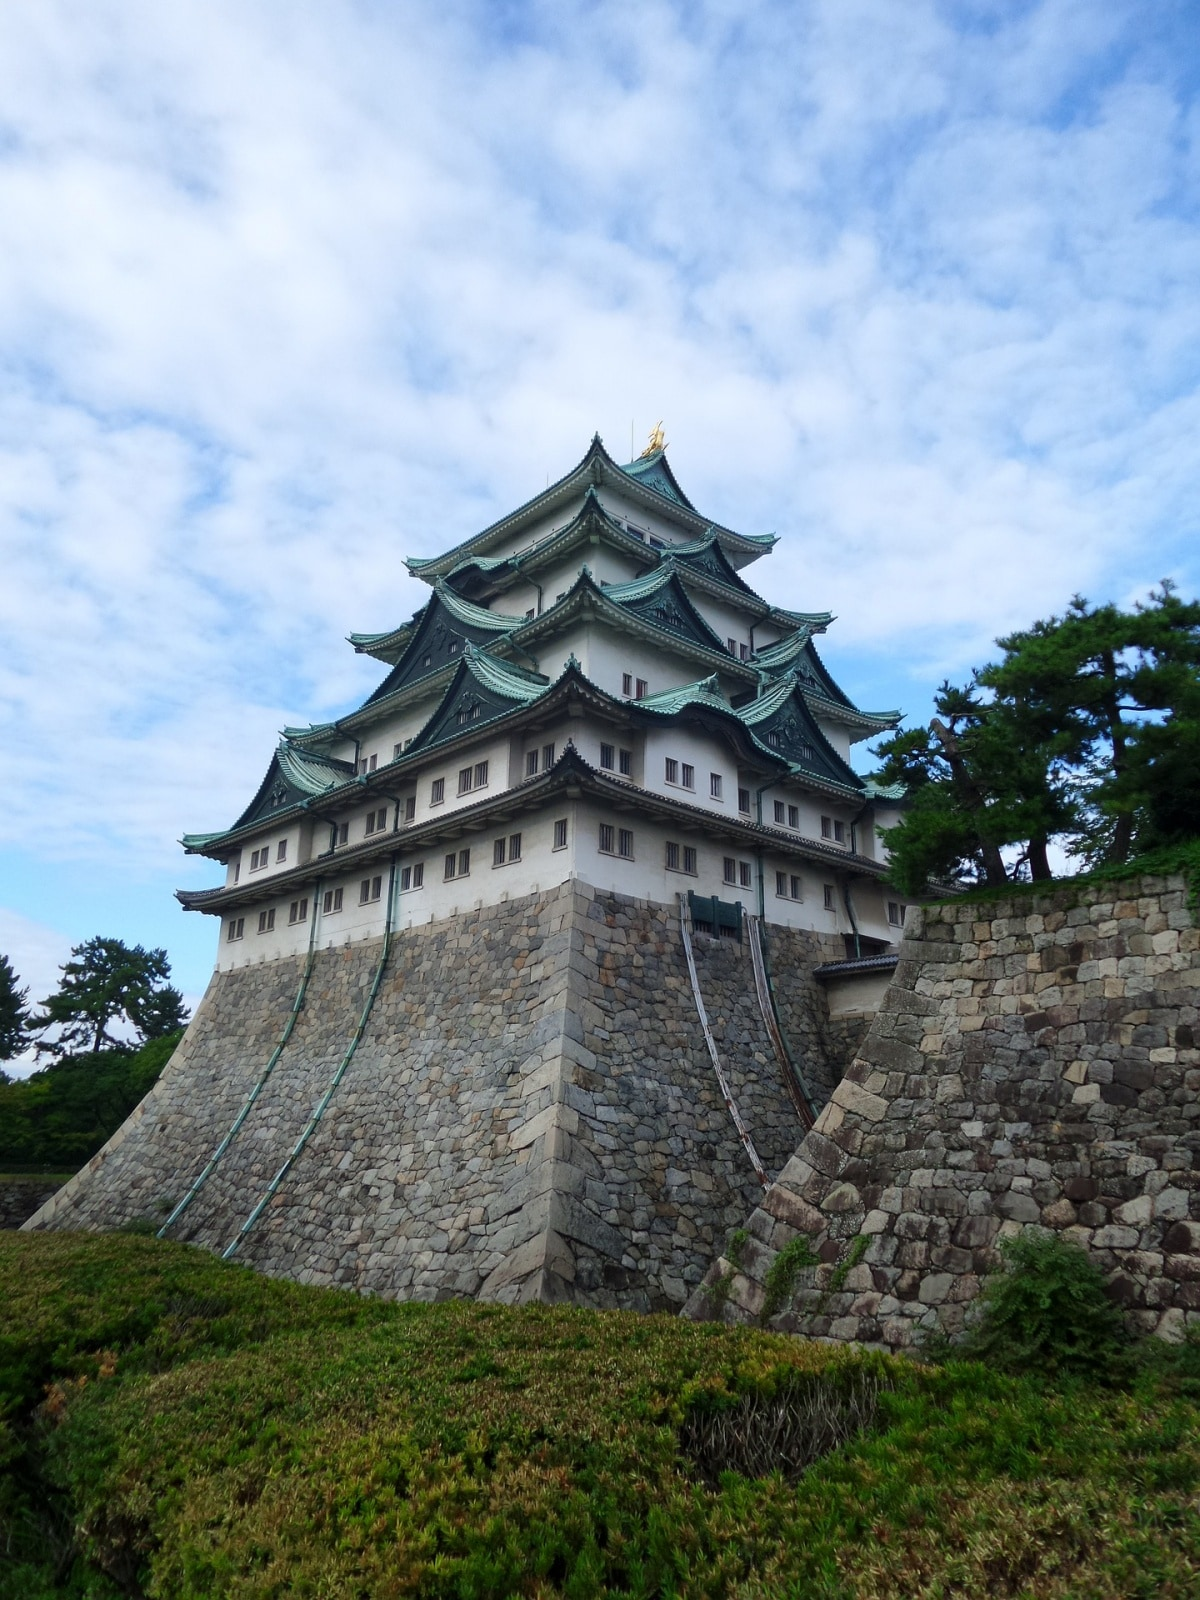 1. ปราสาทนาโกย่า (Nagoya Castle)